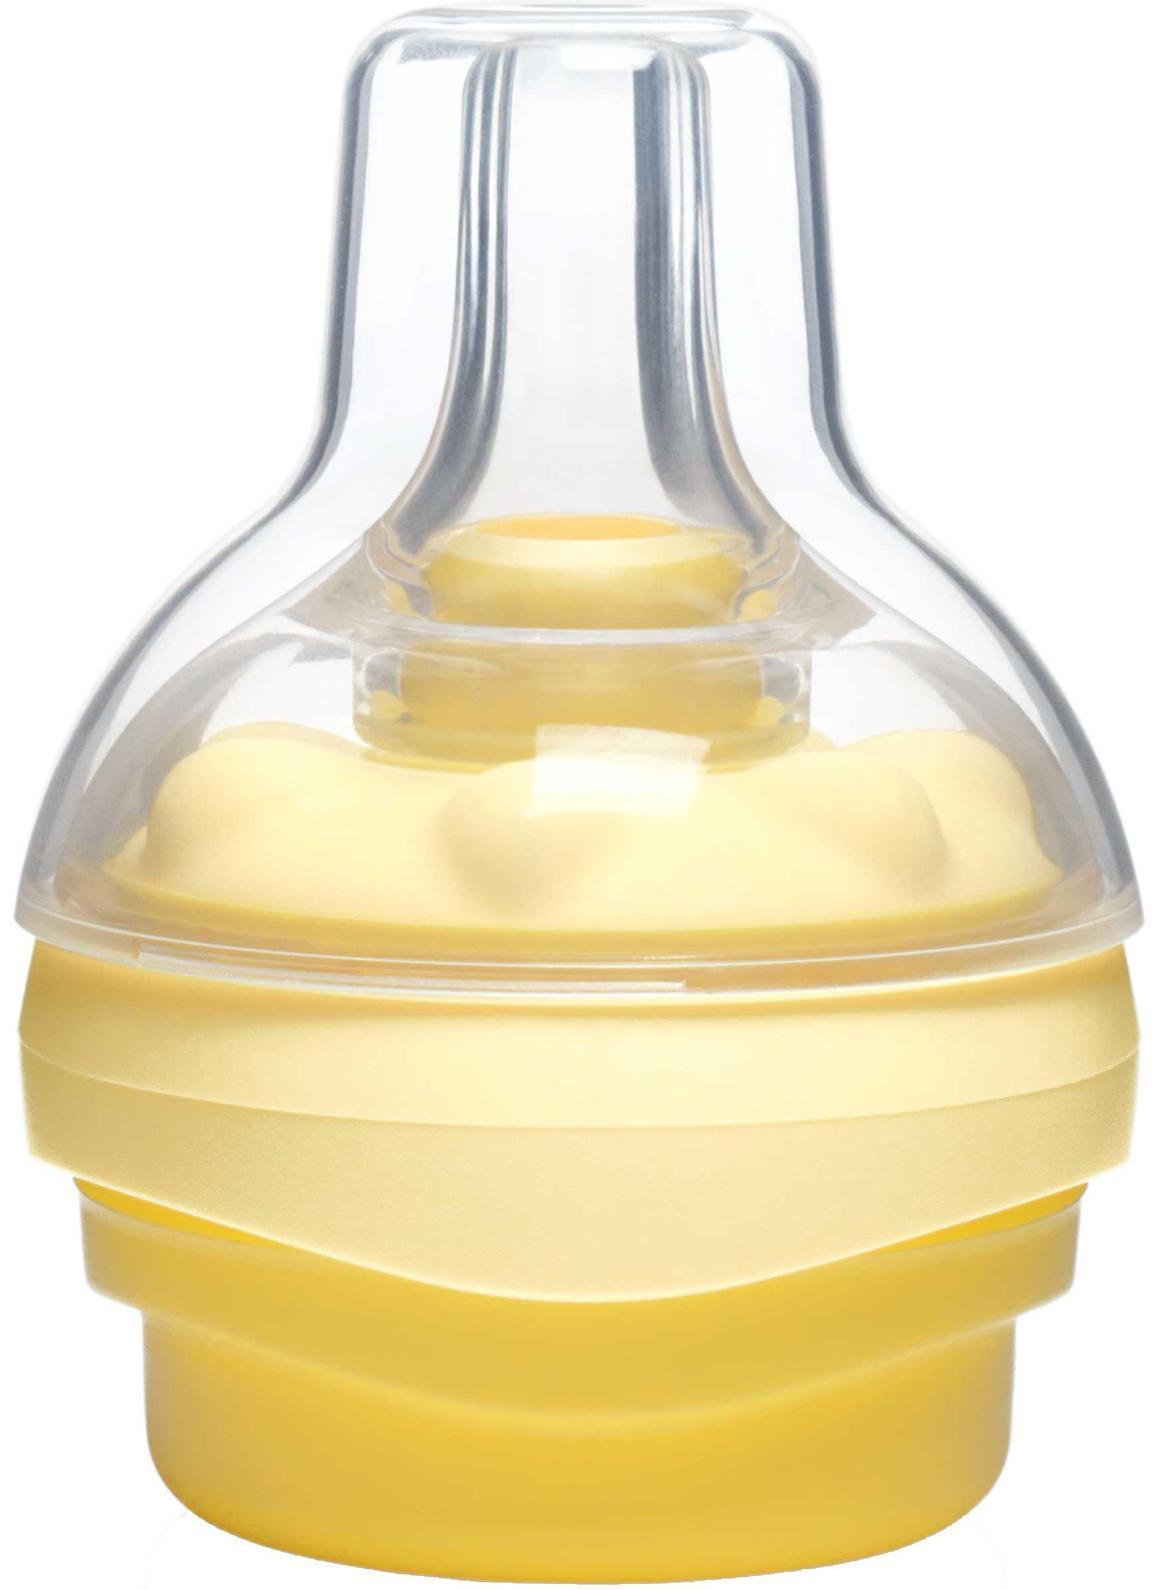 Смартсоска Calma008.0145С Calma малыш дышит, сосет и отдыхает точно также, как у груди – разница неуловима. Calma поможет вам продлить чувство близости, которое существует между вами и ребенком в период кормления грудью. Самый оптимальный размер. Ведь молочные железы не меняют размера на протяжении всего периода лактации. Скорость подачи жидкости, форма и длина Calma рассчитаны таким образом, чтобы соответствовать потребностям малыша по мере того, как он растет. Calma всегда будет отвечать потребностям вашего ребенка в течение всего периода лактации. Смартсоска Calma позволит ребенку сохранять единую модель поведения при кормлении, облегчая возврат к груди. Сматрсоска поставляется в одном размере, который подходит для кормления ребенка любого возраста.